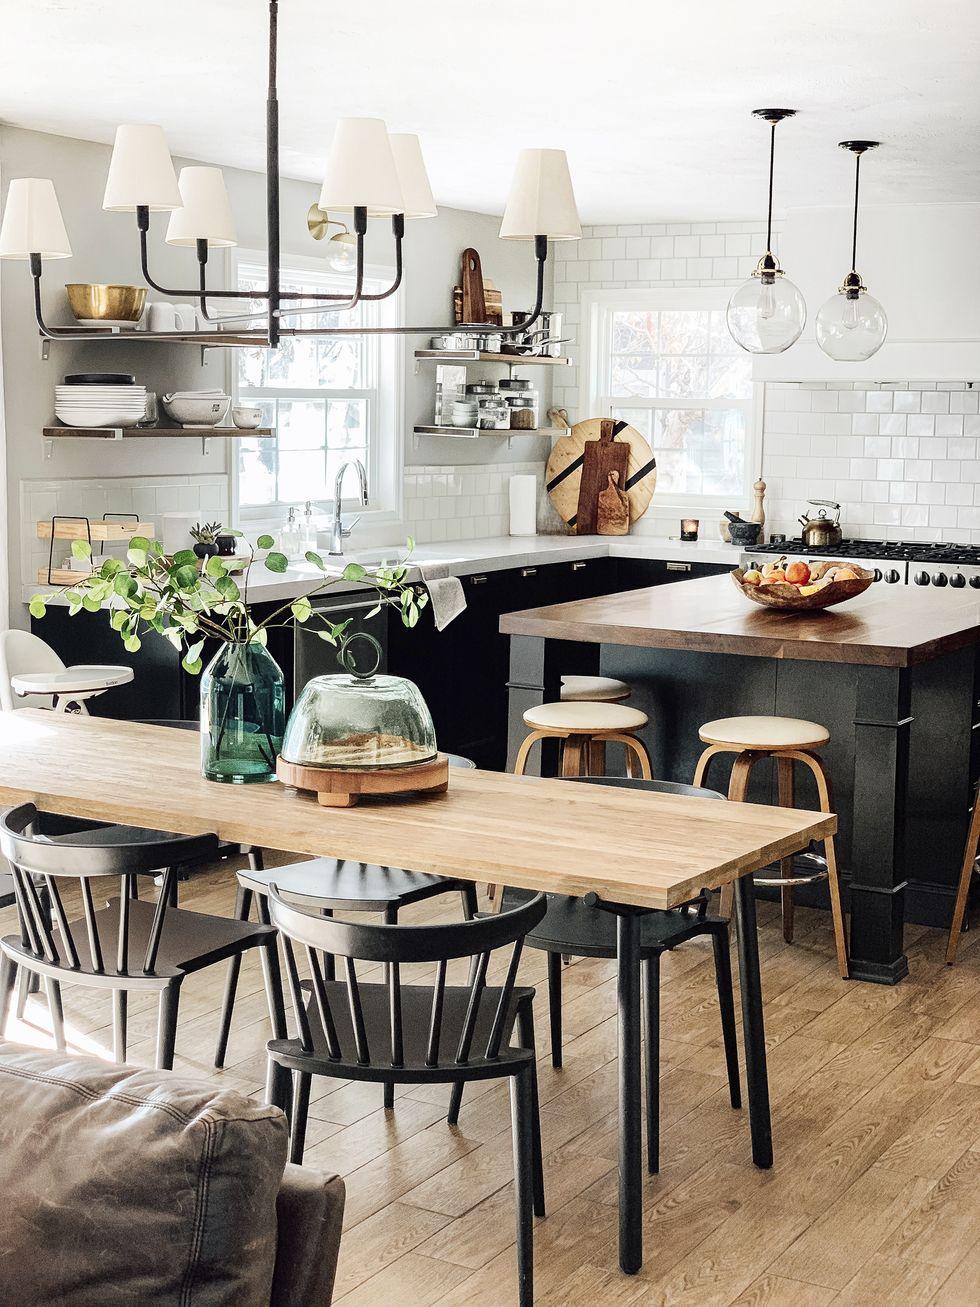 آشپزخانه چوبی قهوه ای مشکی با پس زمینه قهوه ای 2020